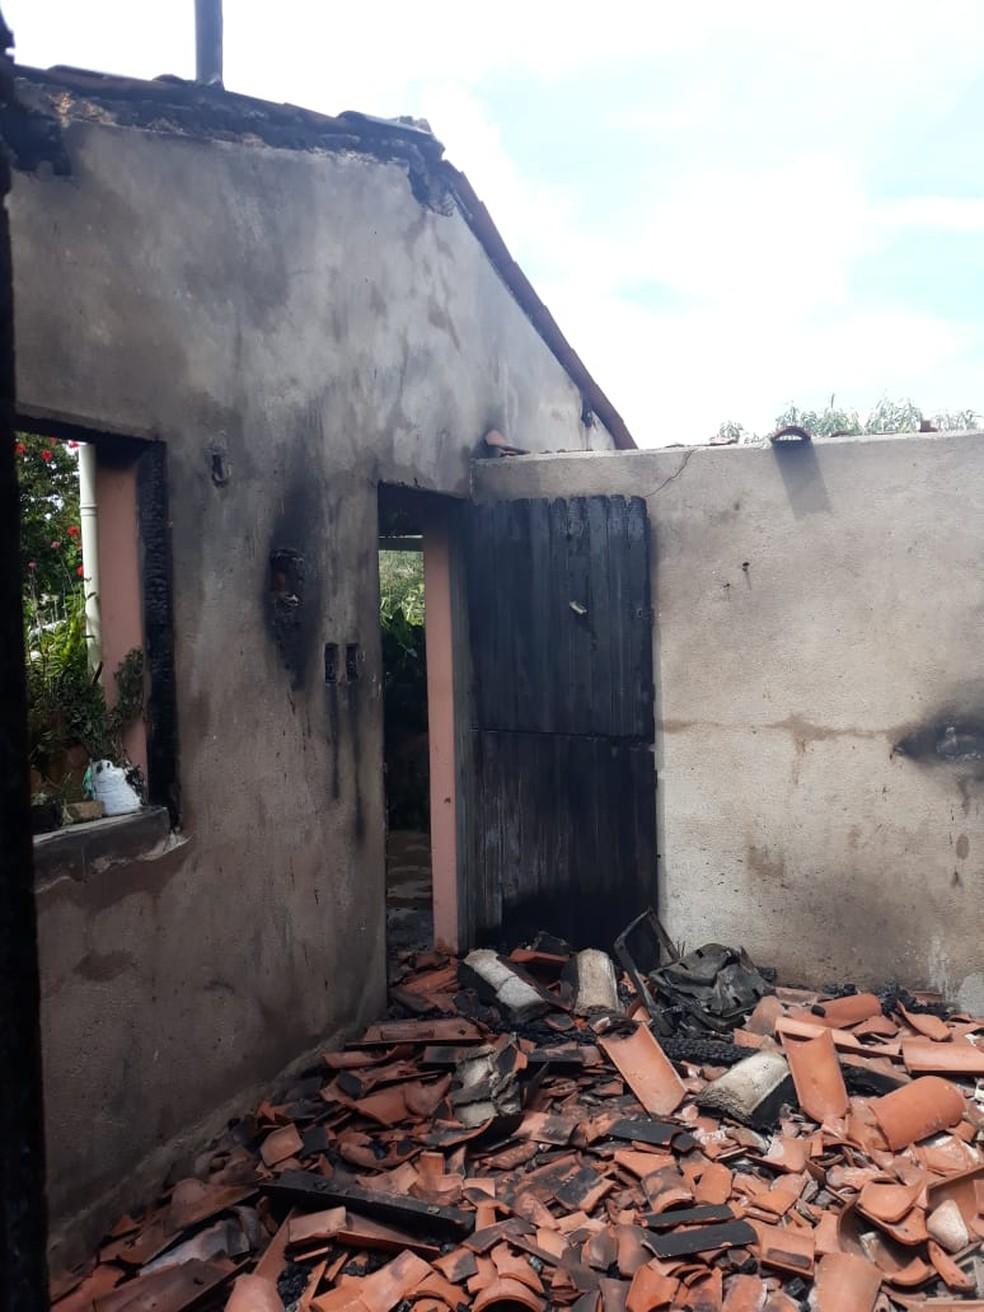 Após discussão, mulher tem a casa incendiada pelo filho no RN no Dia das Mães — Foto: Thiago Aragão